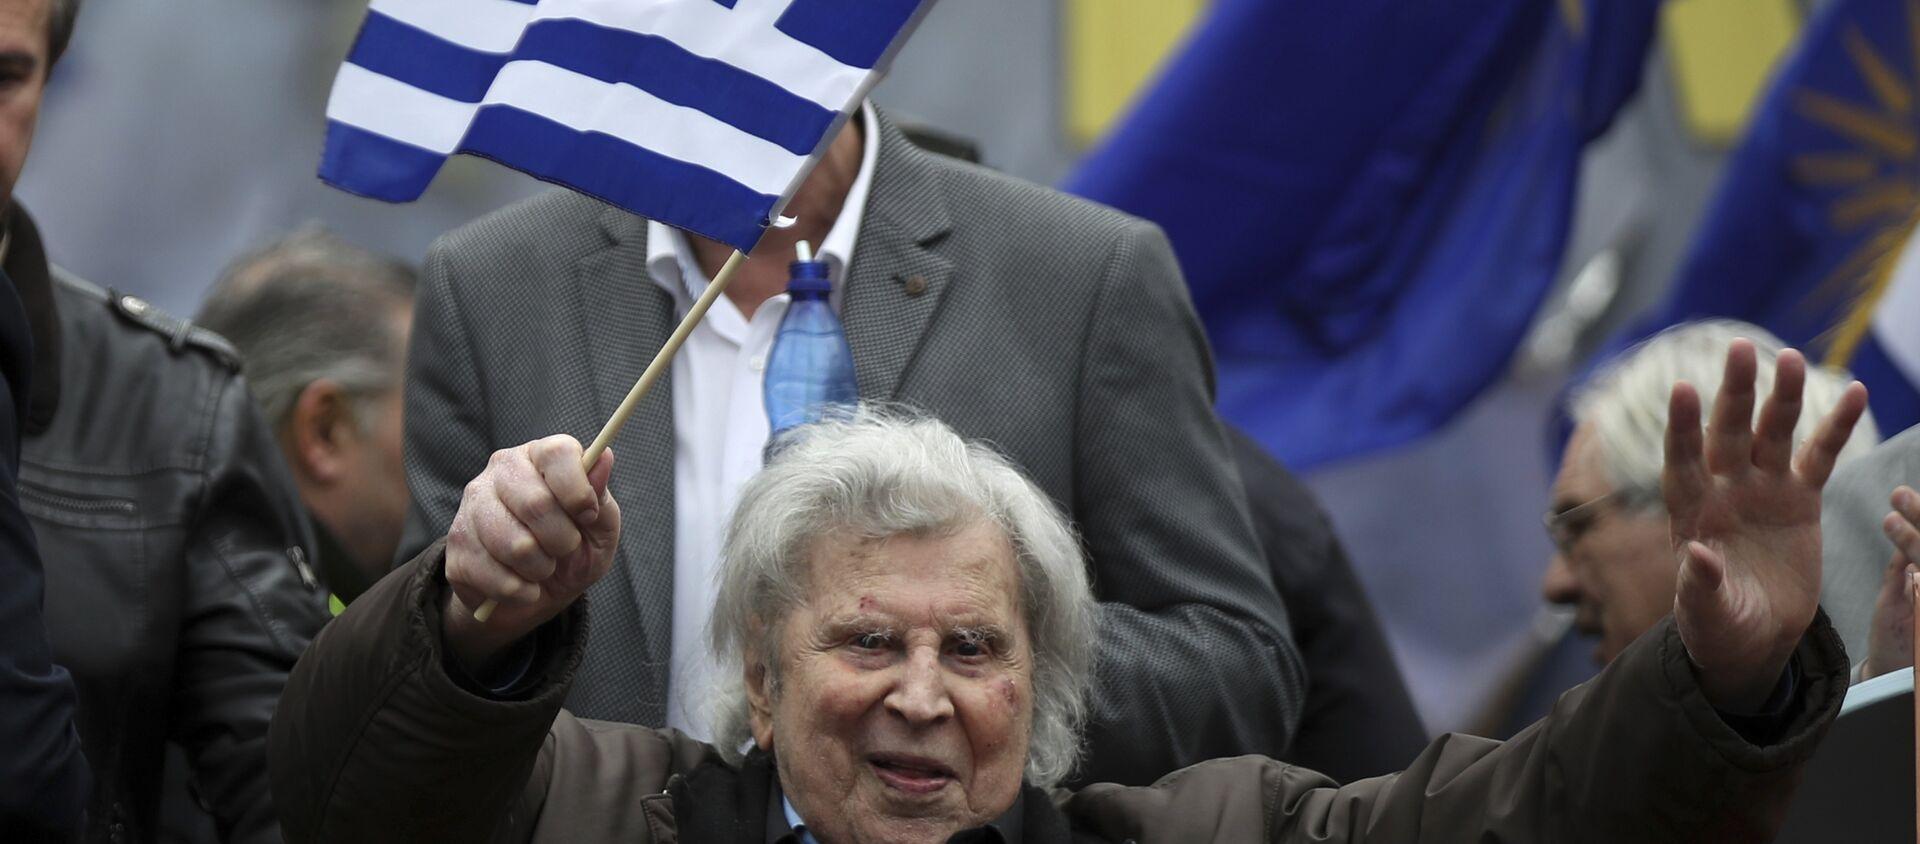 Mikis Teodorakis na protestu u Atini protiv imena Makedonija. - Sputnik Srbija, 1920, 04.02.2018